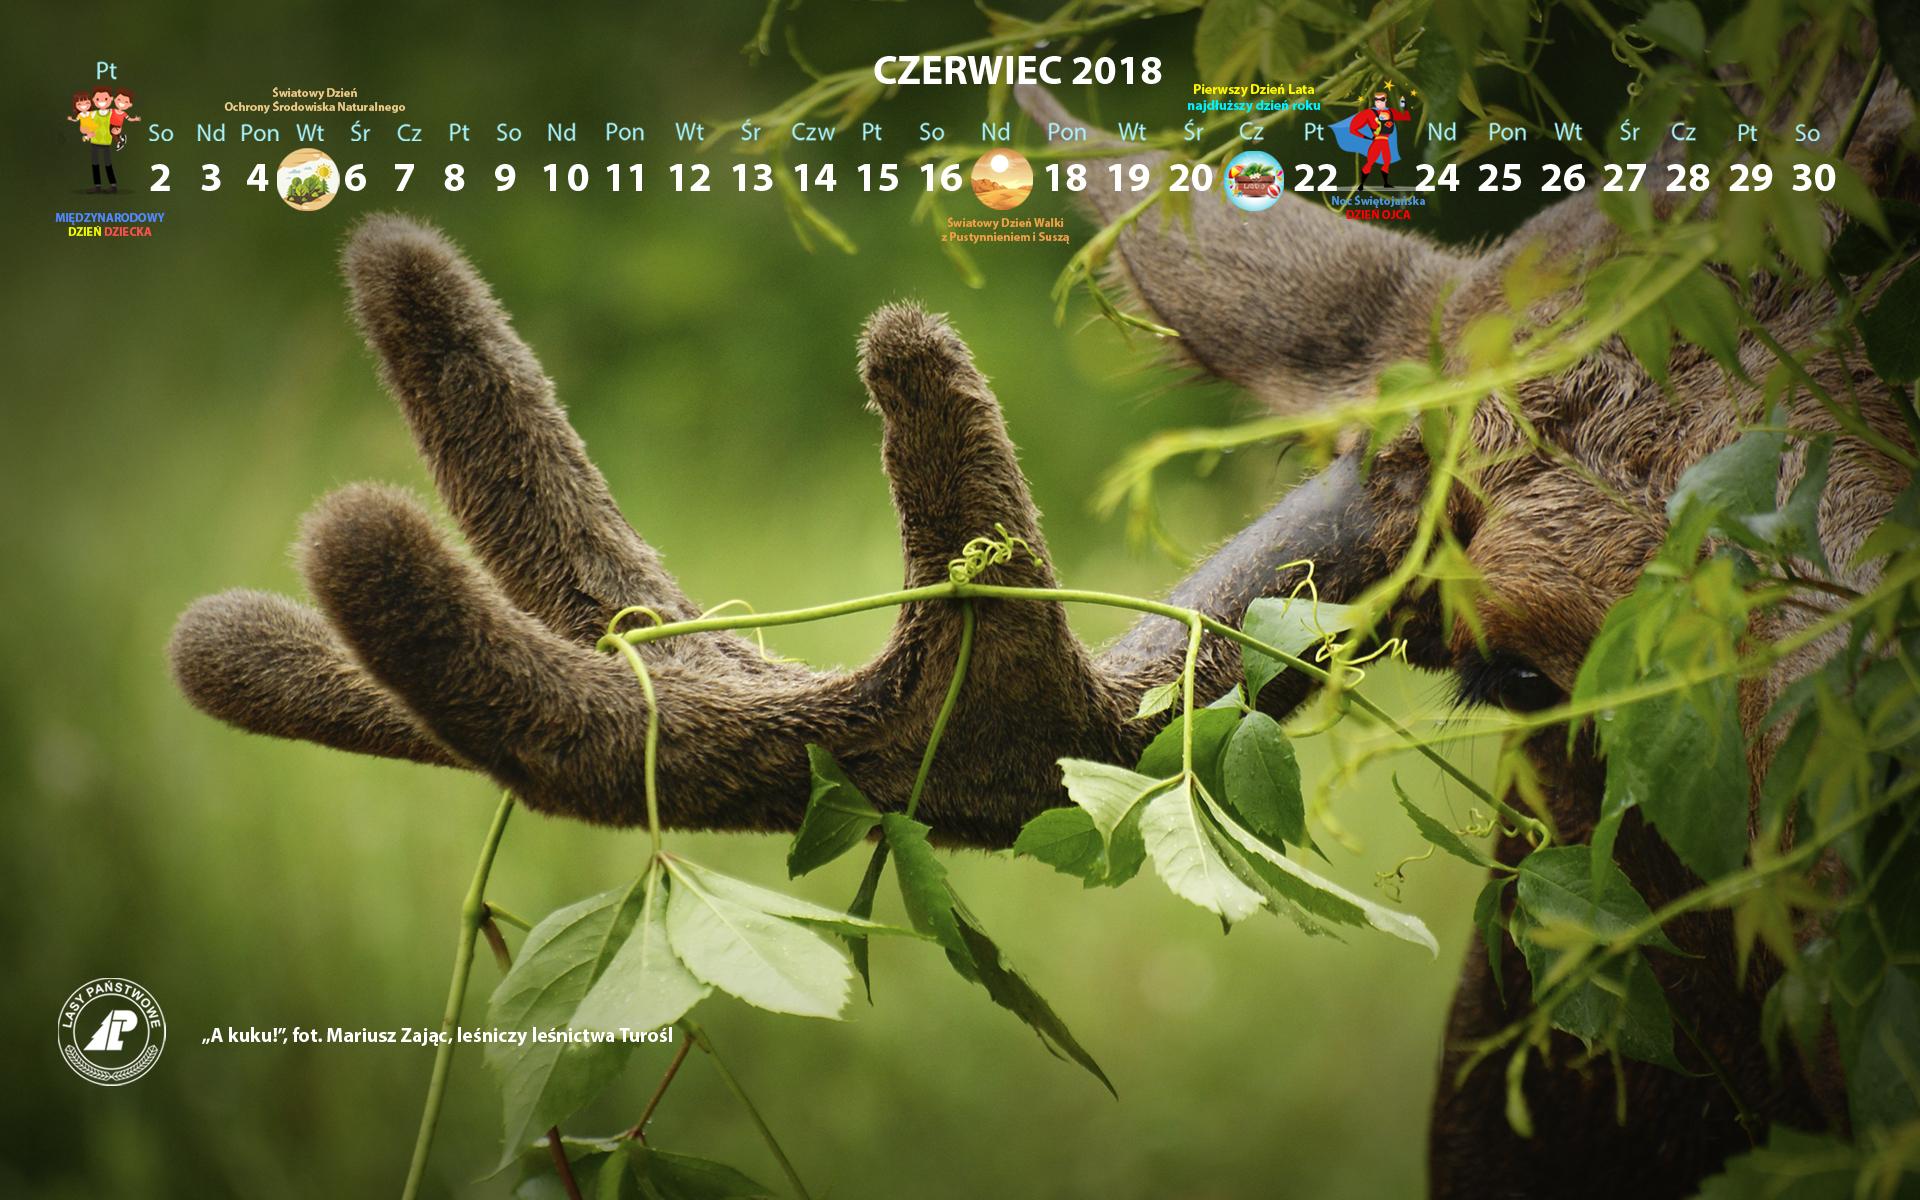 Kalendarz_czerwiec_2018_1920x1200[1].jpg